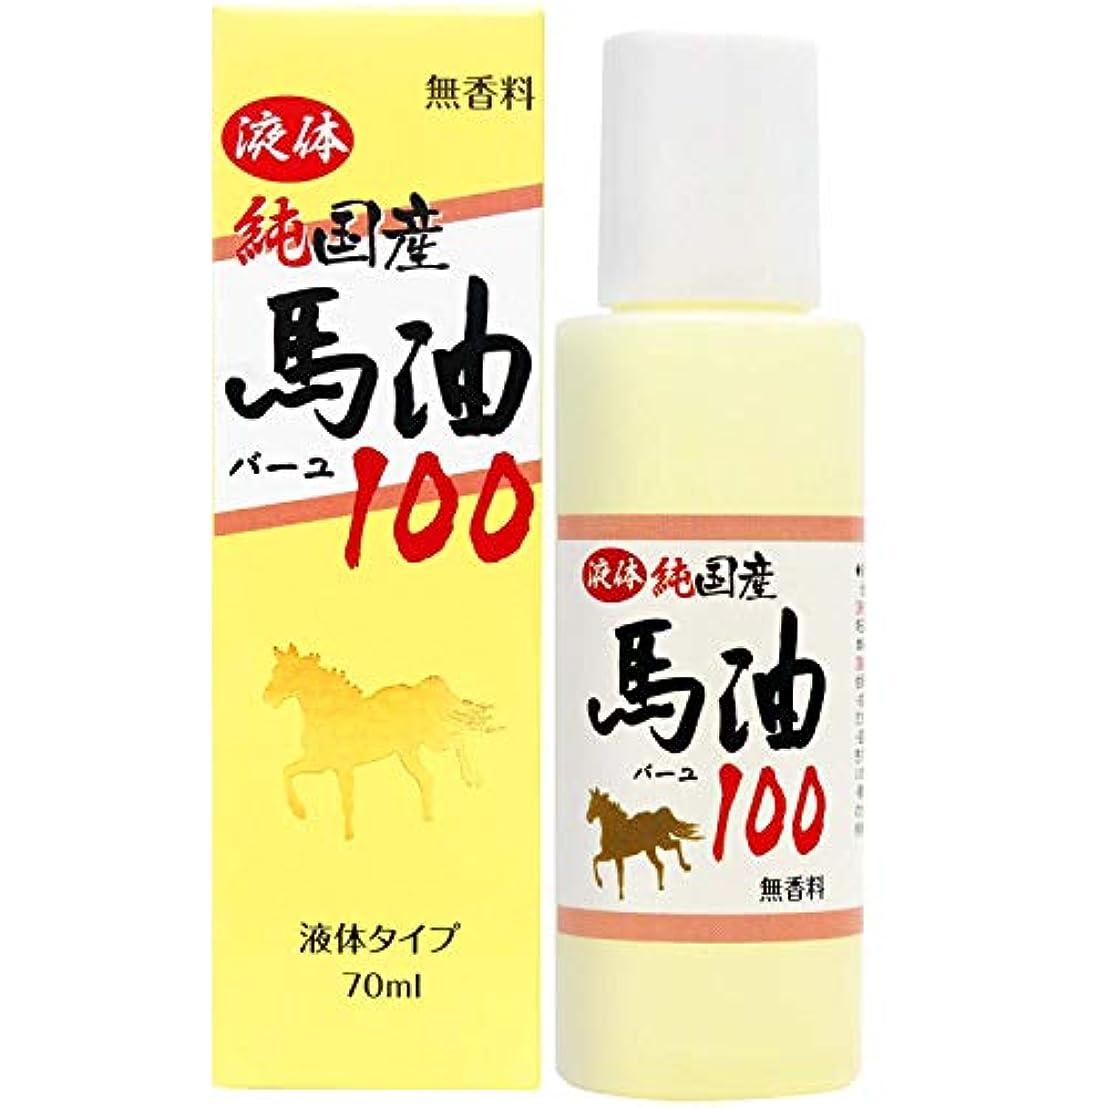 肝説得力のあるファンタジーユウキ製薬 液体純国産馬油100 70ml